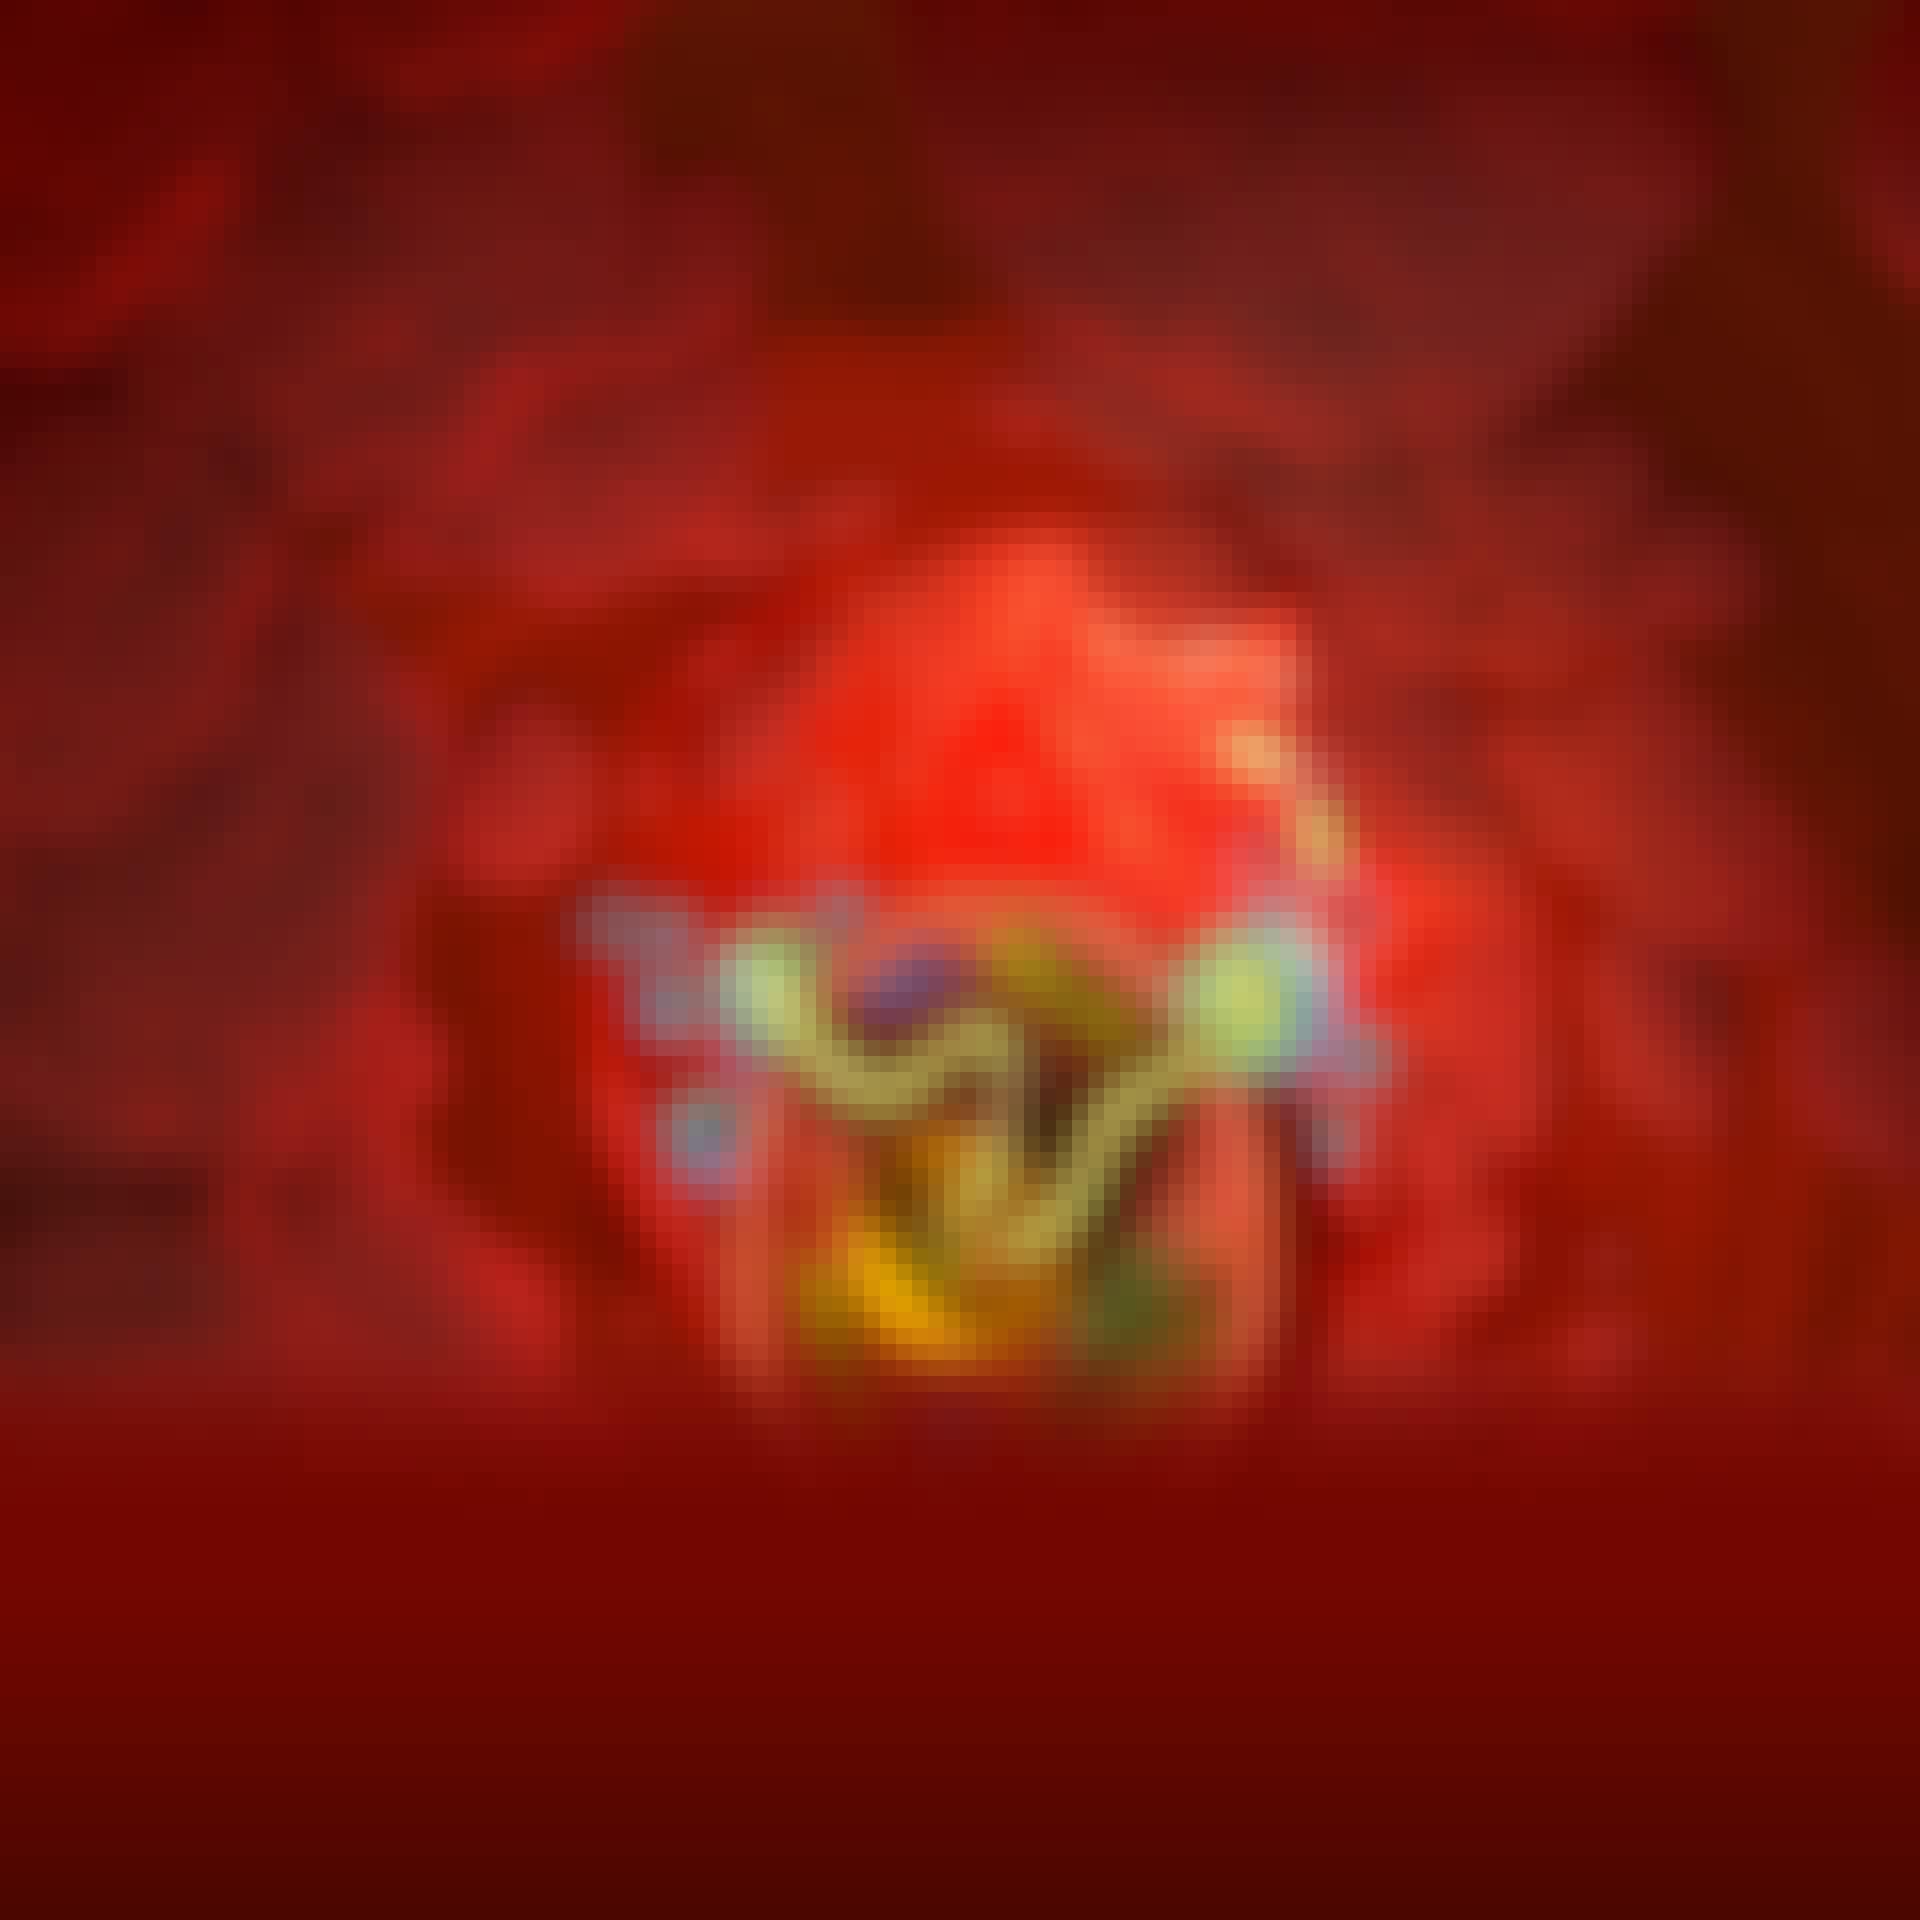 Coronavirusets rna tränger in i cellen.